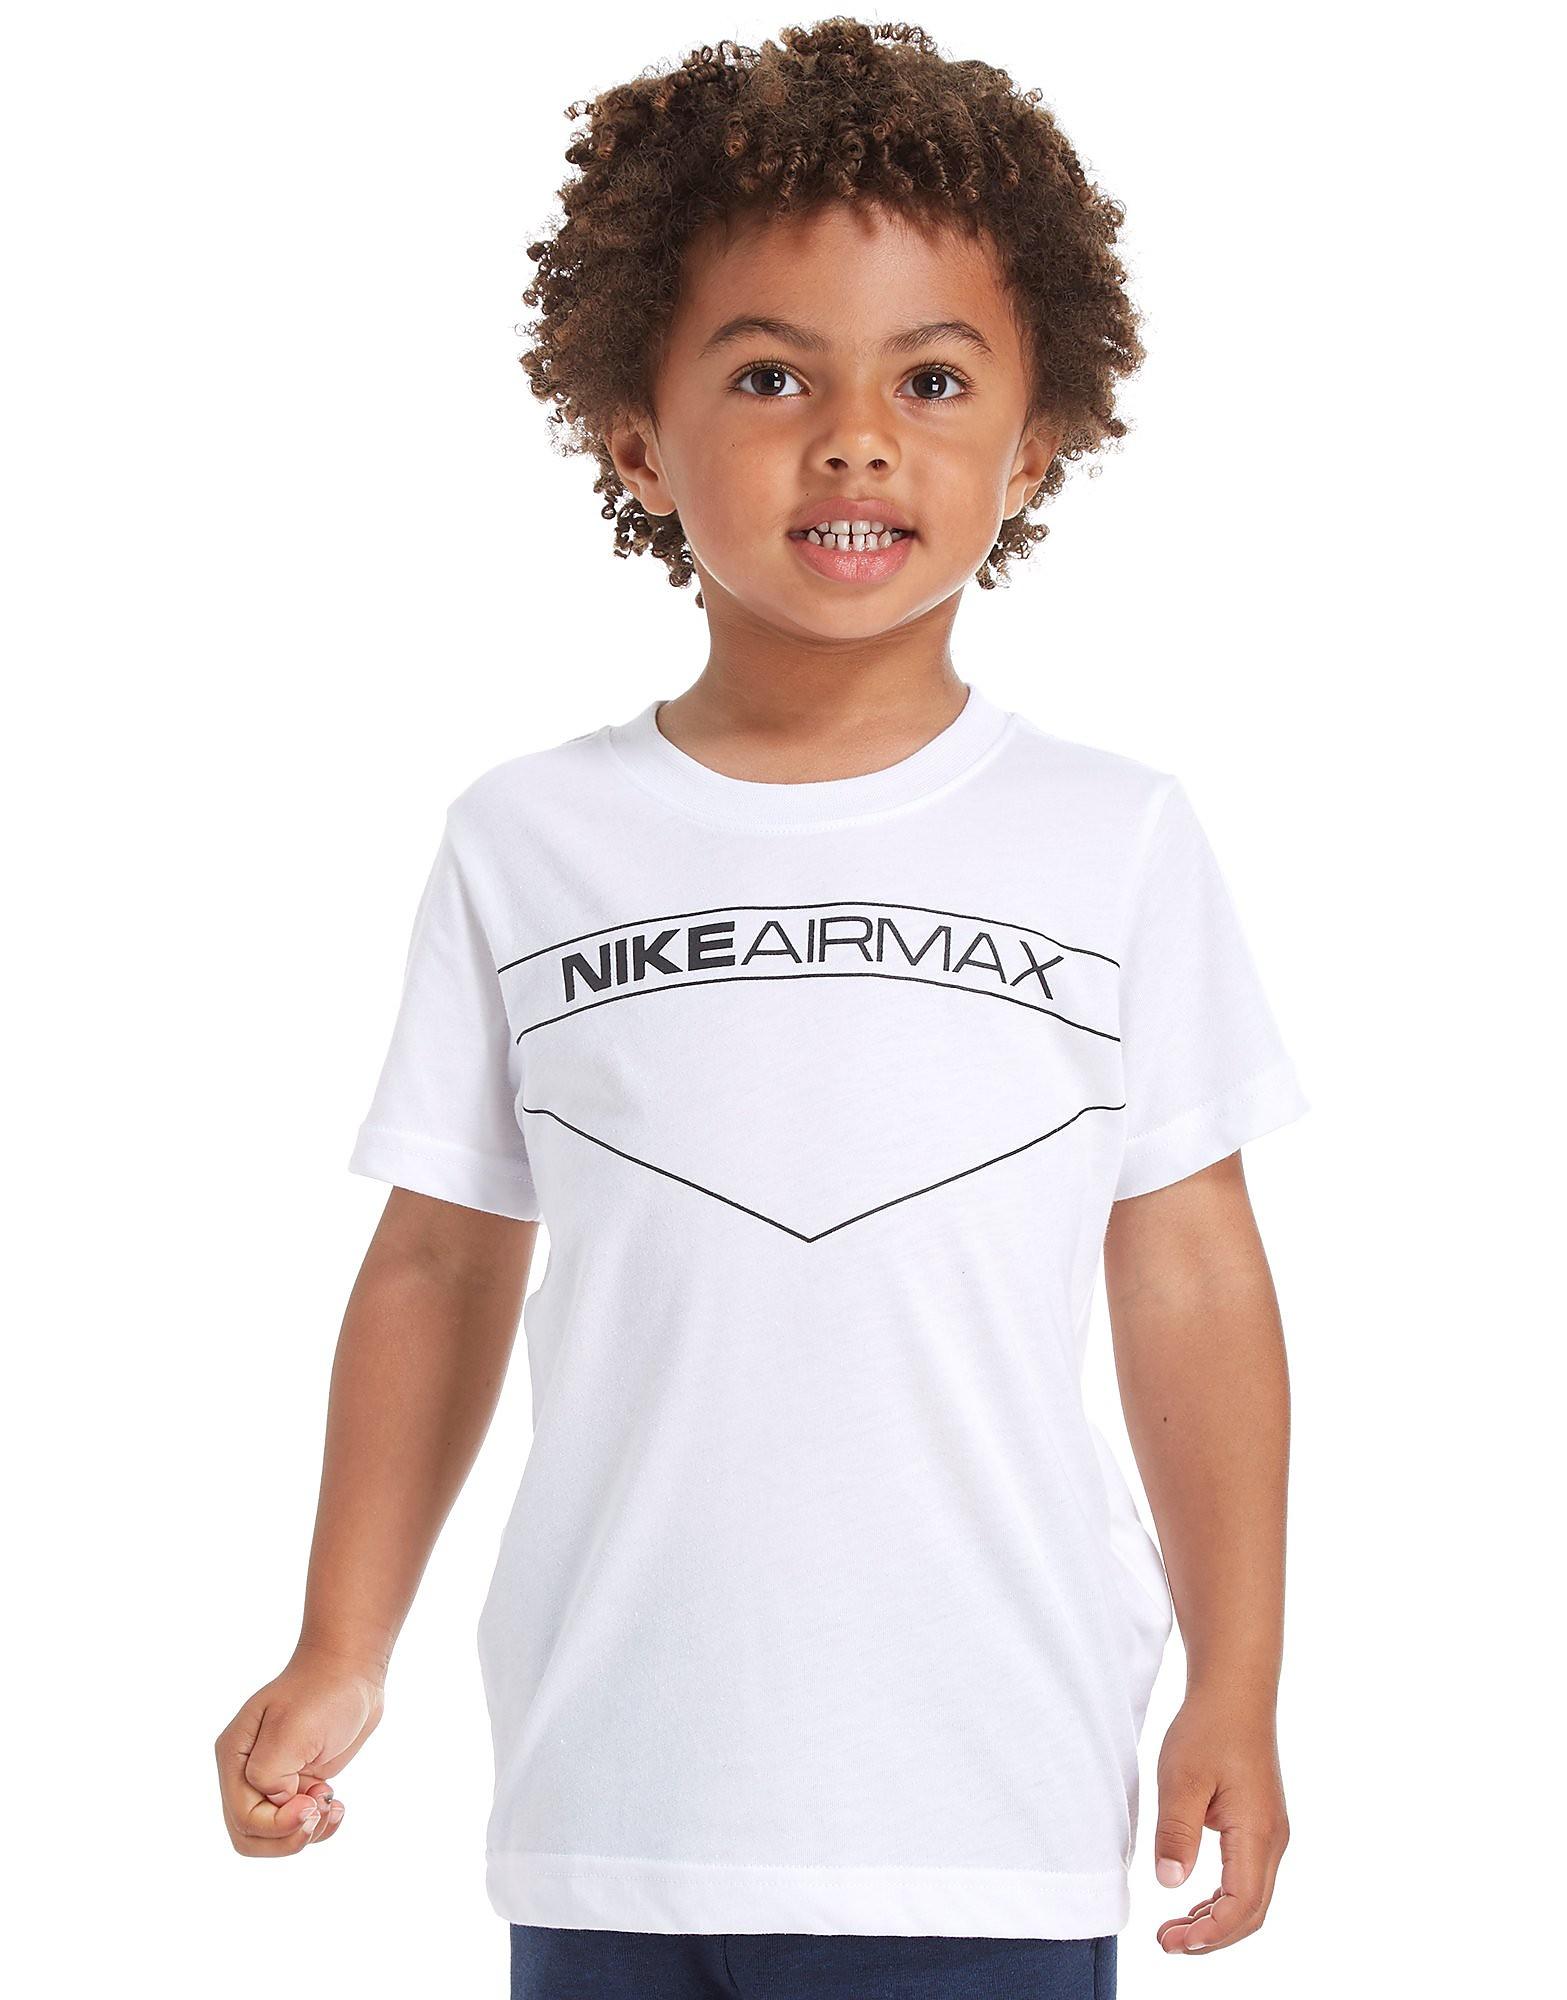 Nike camiseta Air Max infantil